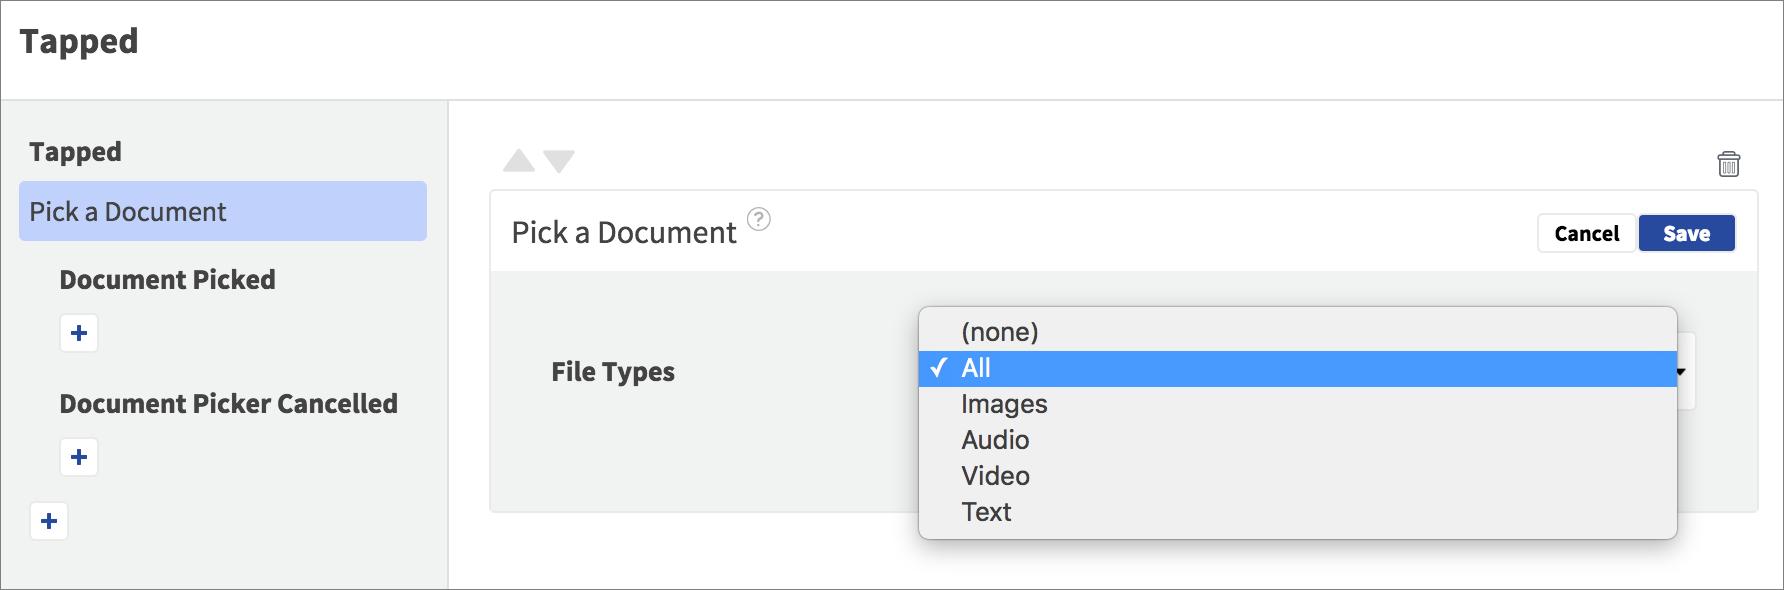 pick a document